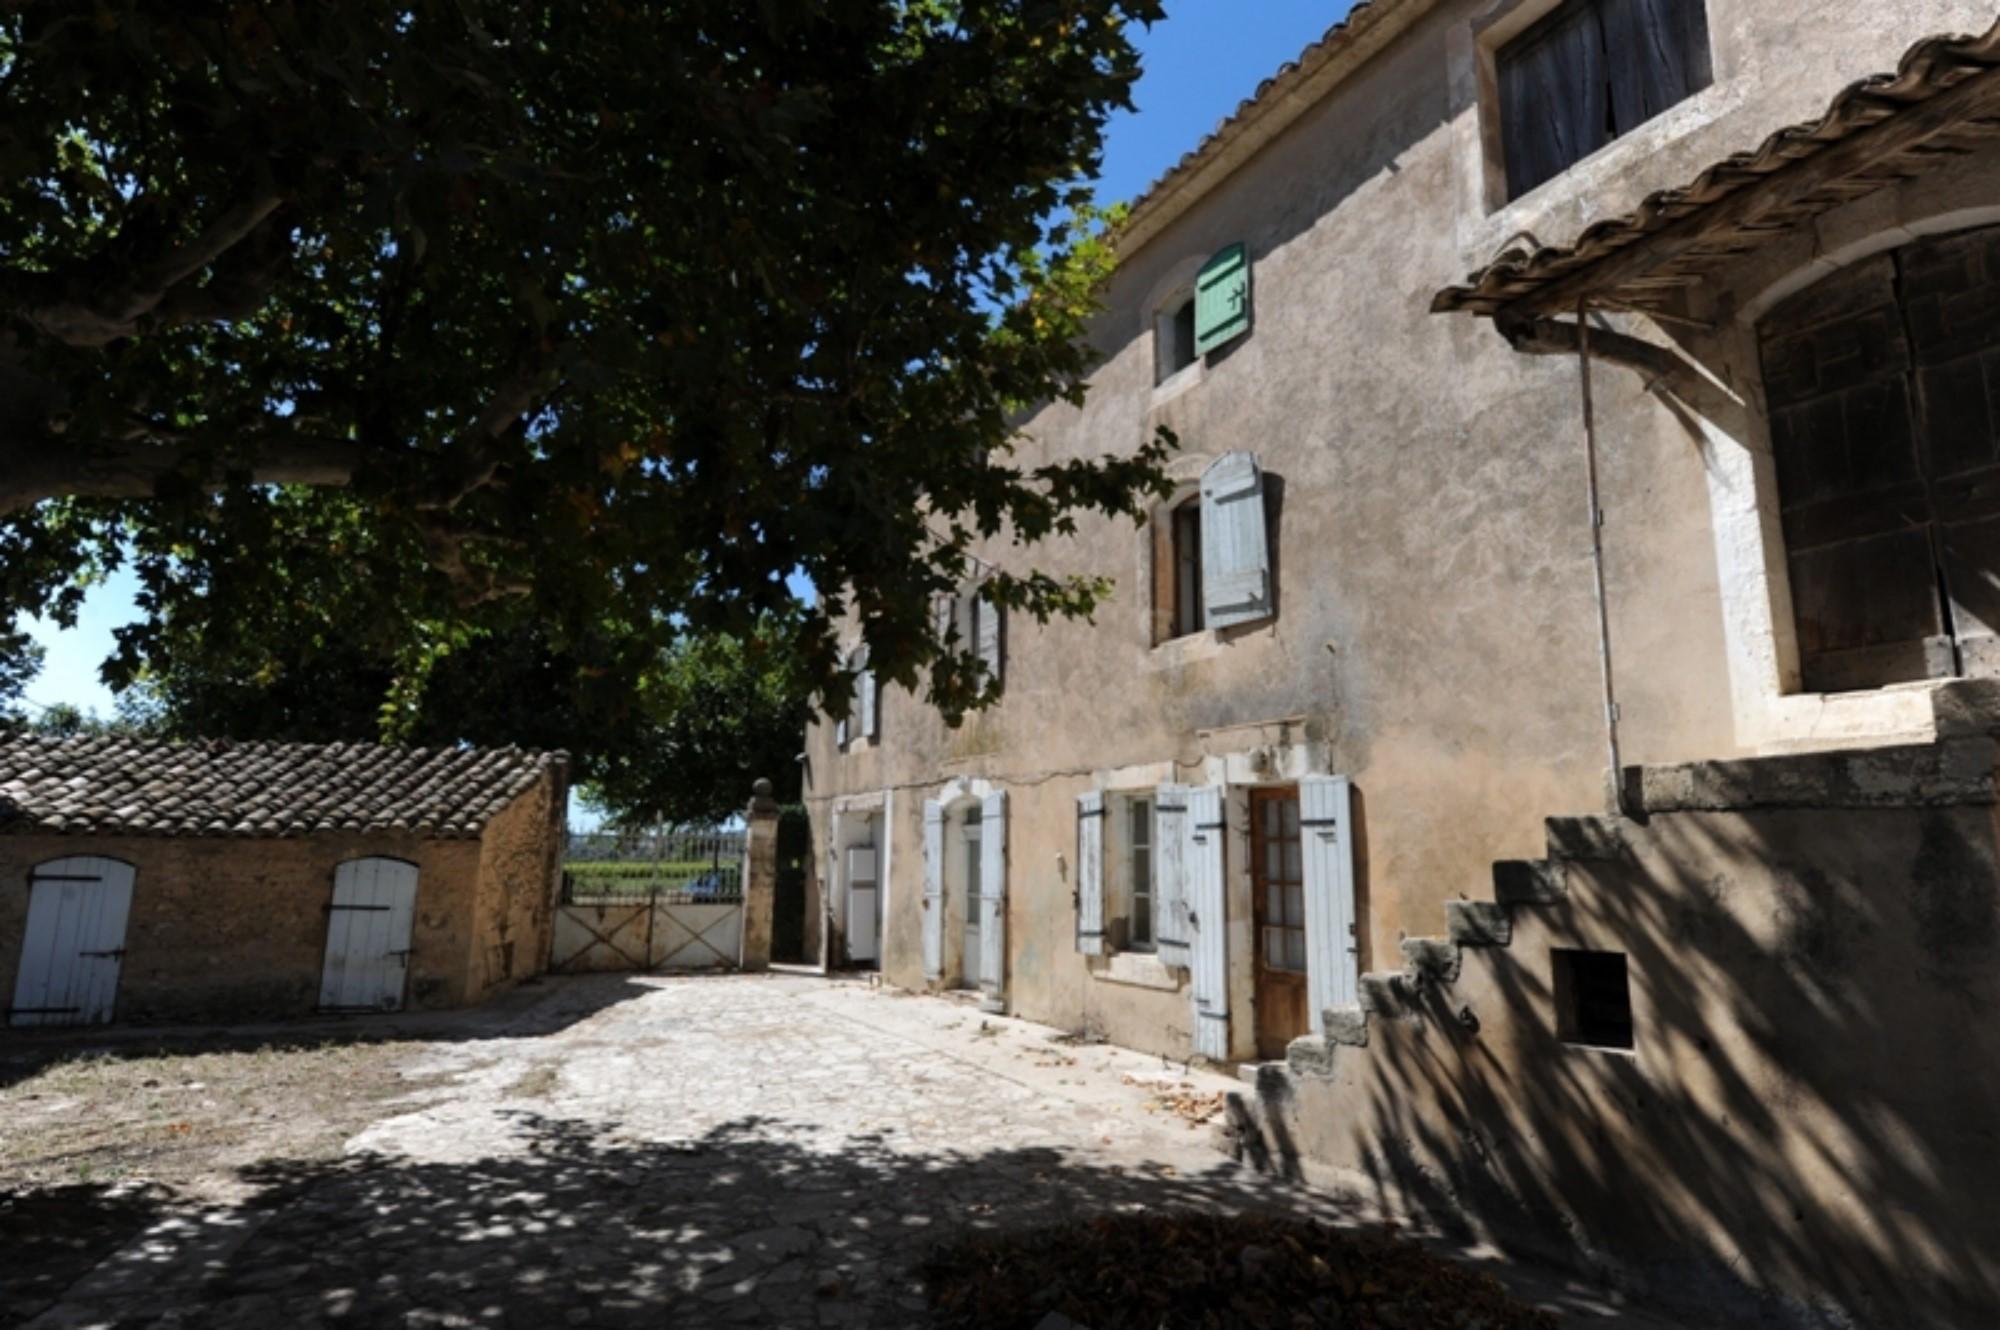 A vendre en Luberon, authentique mas à restaurer sur plus de 14 hectares